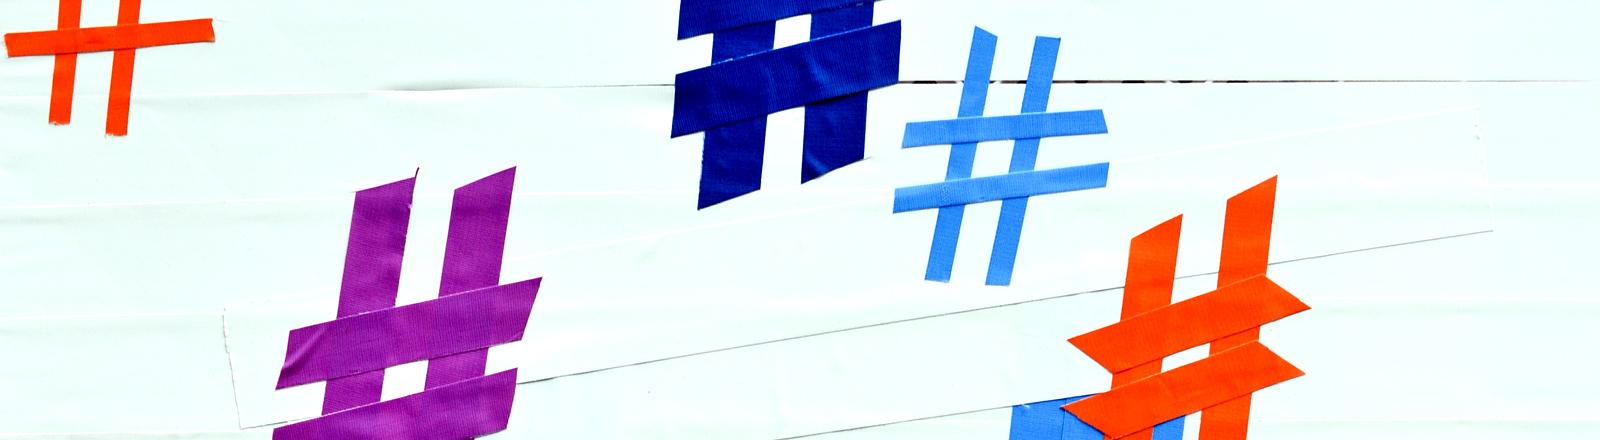 Mehrere Hashtags sind am 08.05.2014 bei der Internetkonferenz re:publica in Berlin mit Klebeband auf eine Wand geklebt.